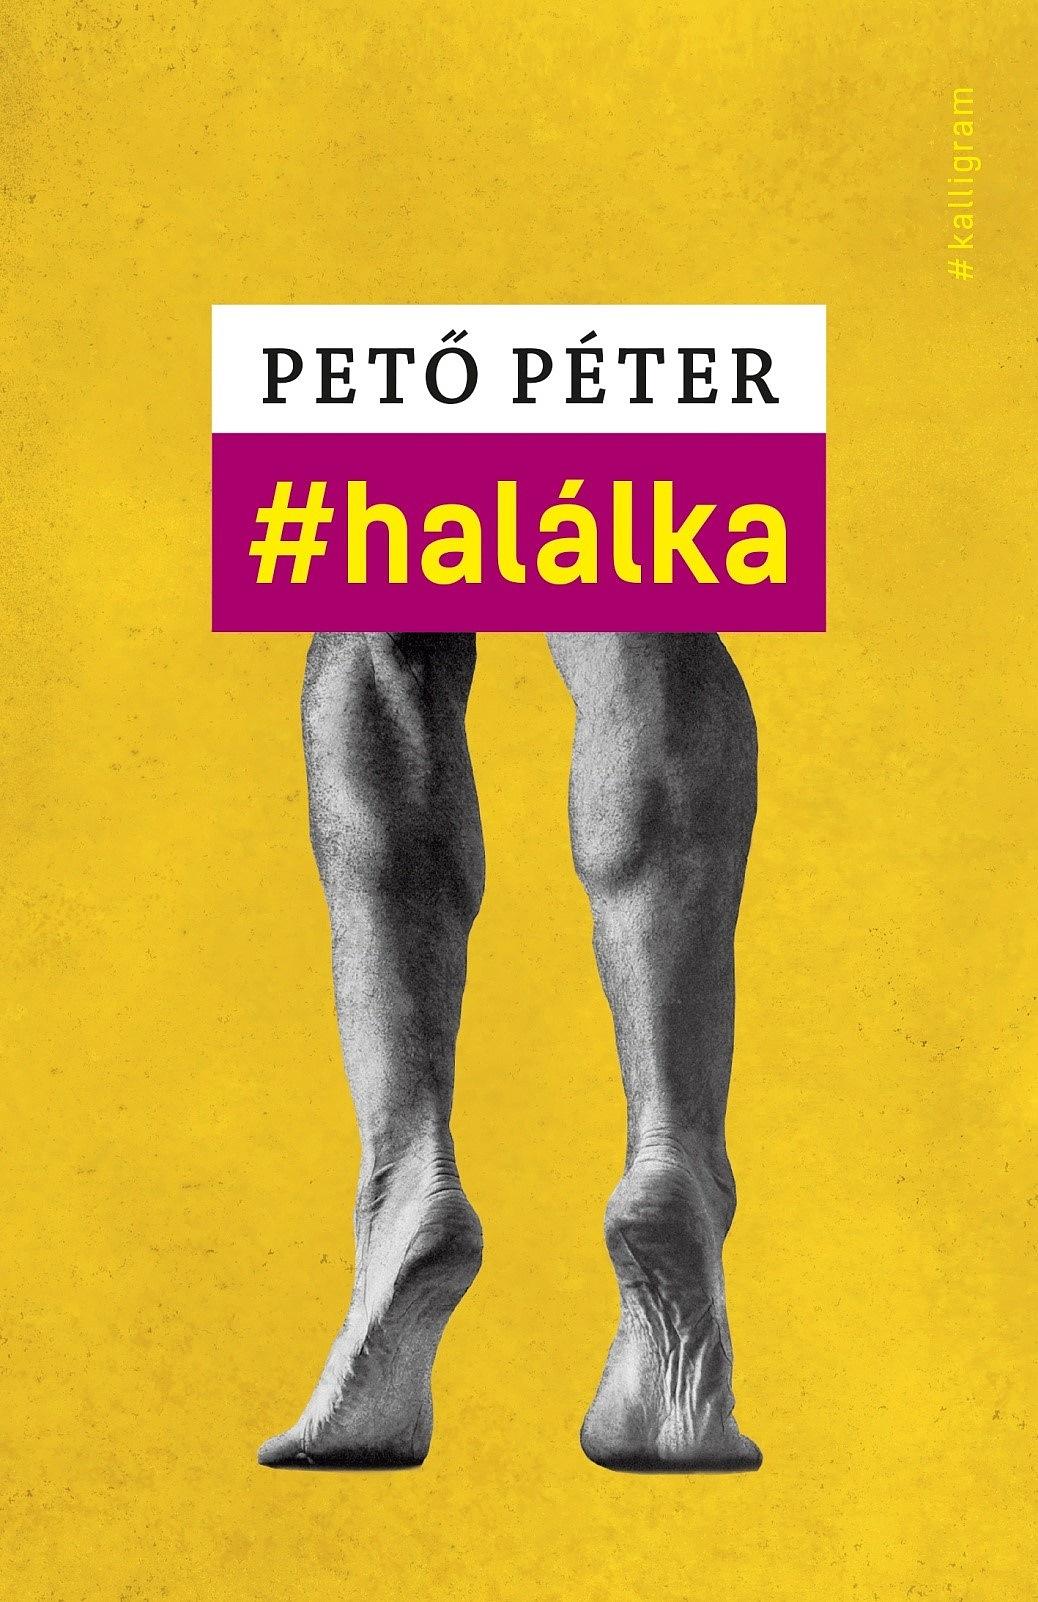 Peto-Peter-halalka-Kalligram-kiado-2020-140129.jpg